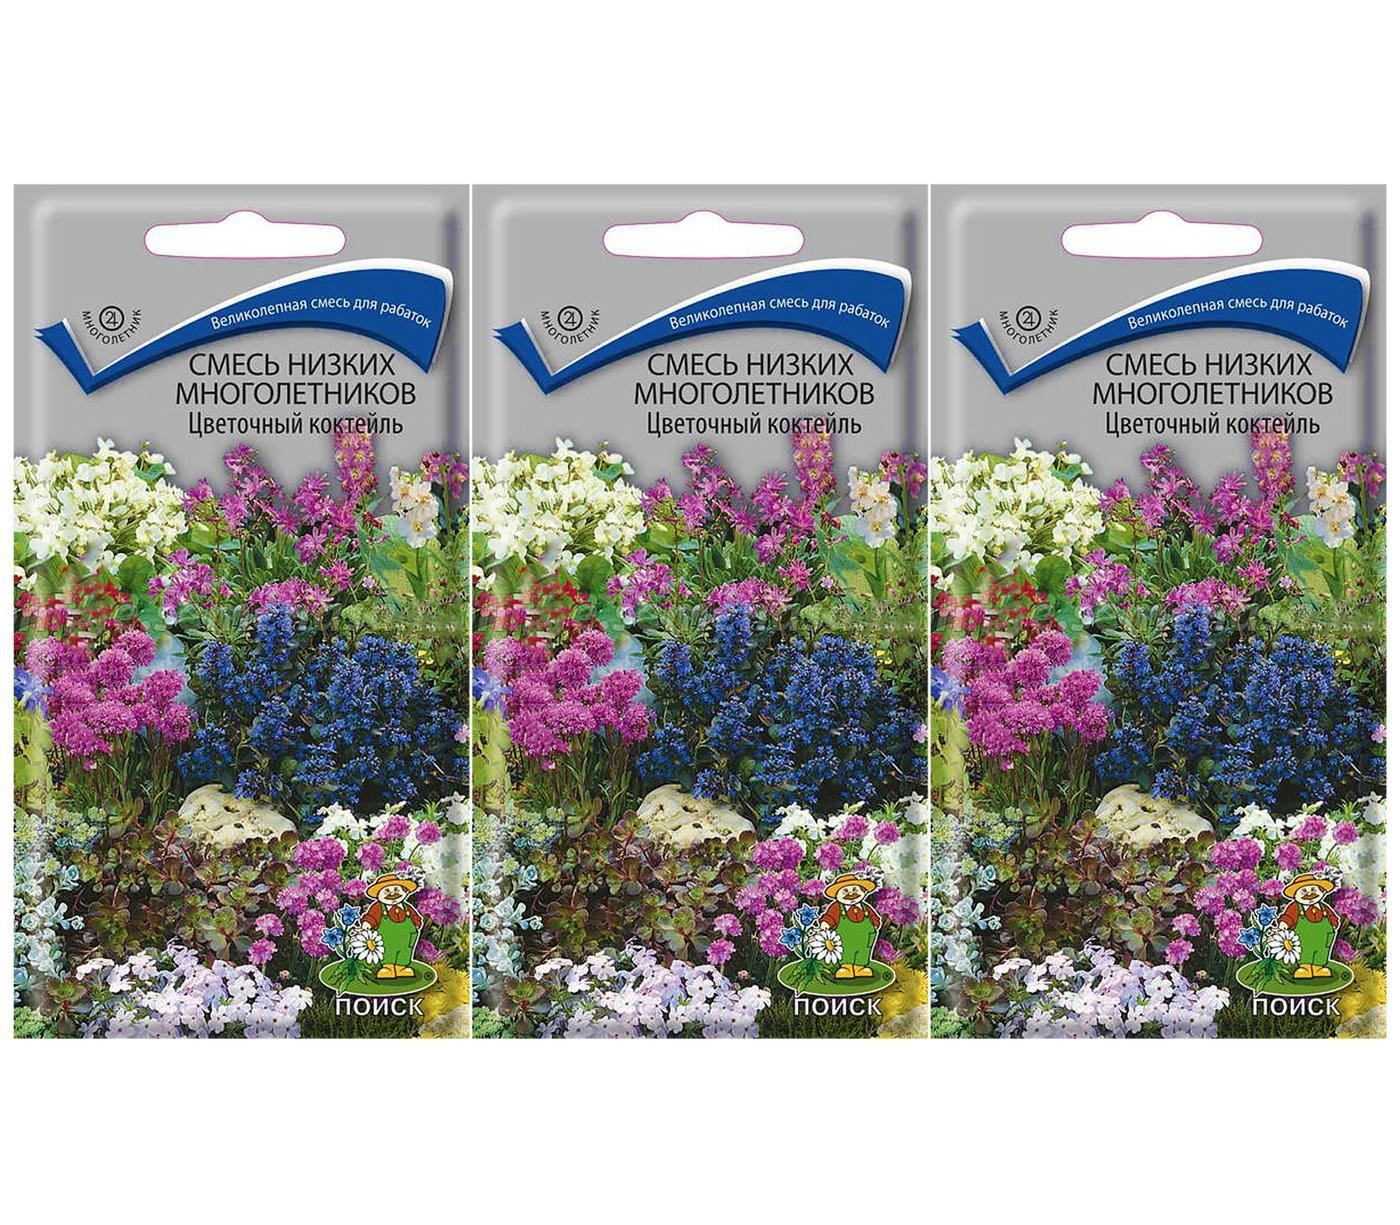 Купить Корни Многолетних Цветов В Интернет Магазине